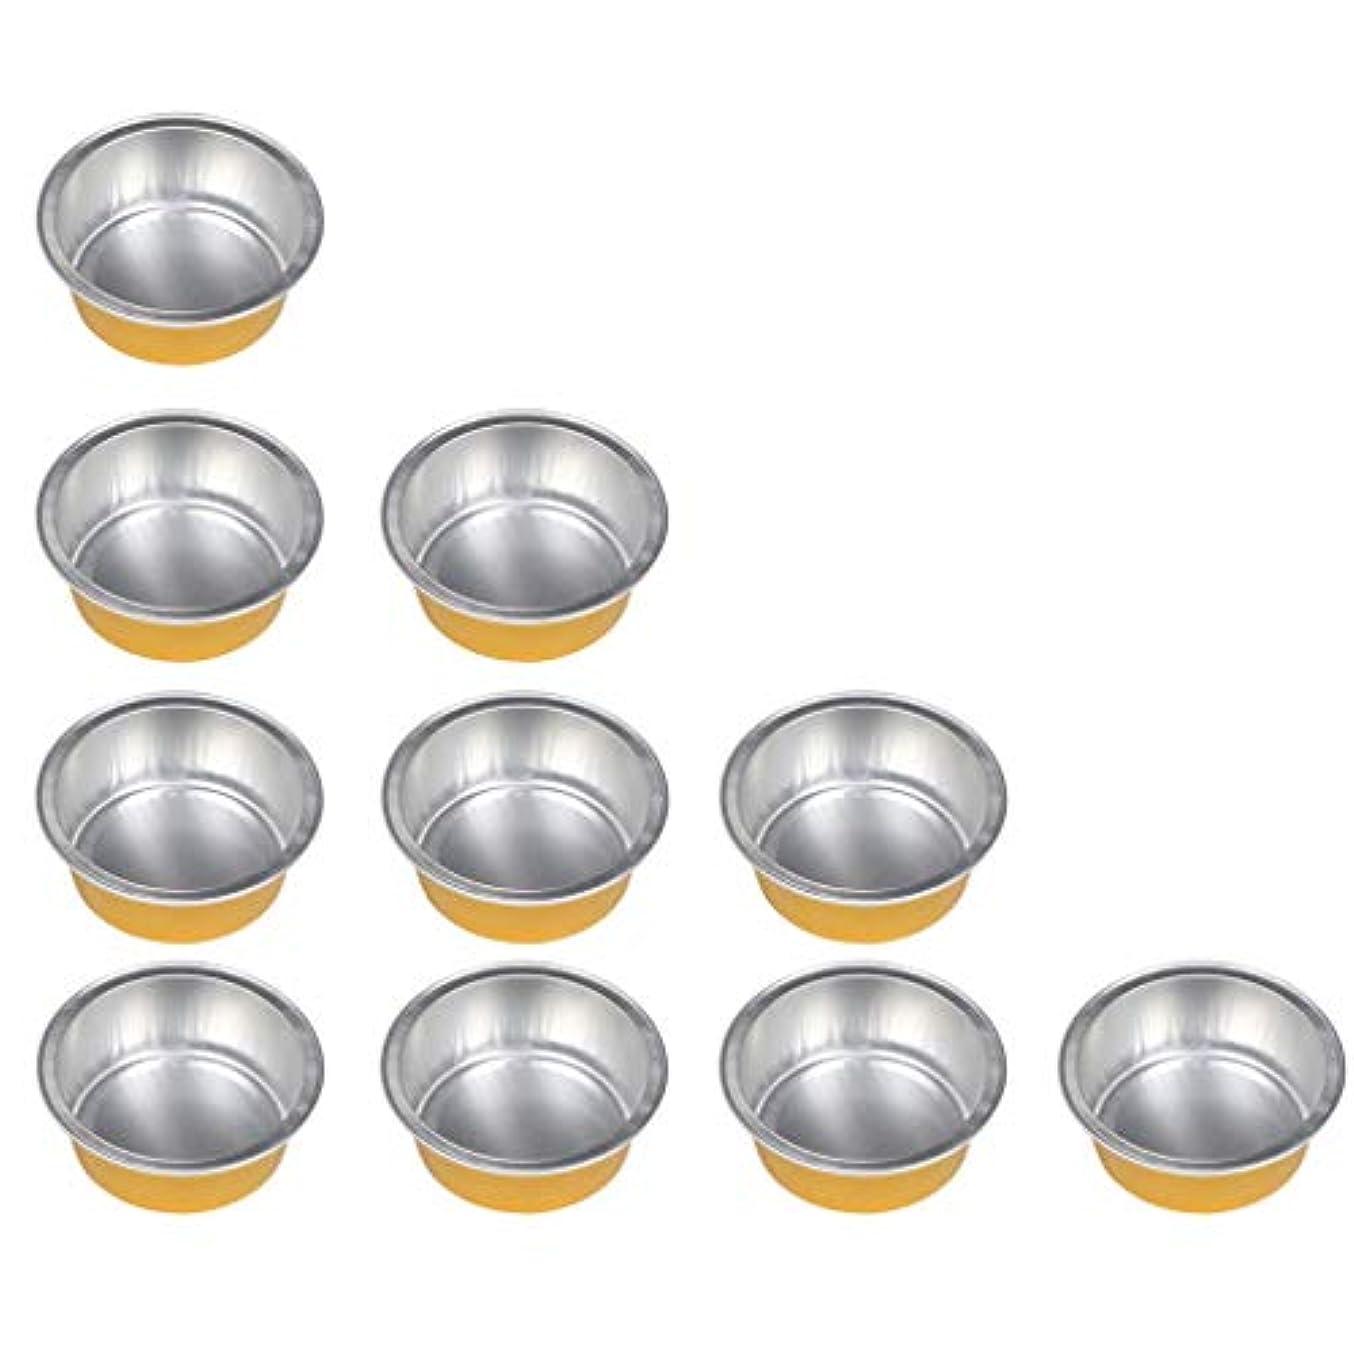 サイレントぺディカブ減らすHellery 10個セット ワックスボウル ミニボウル アルミホイルボウル ワックス豆体 溶融 衛生的 2種選ぶ - ゴールデン1